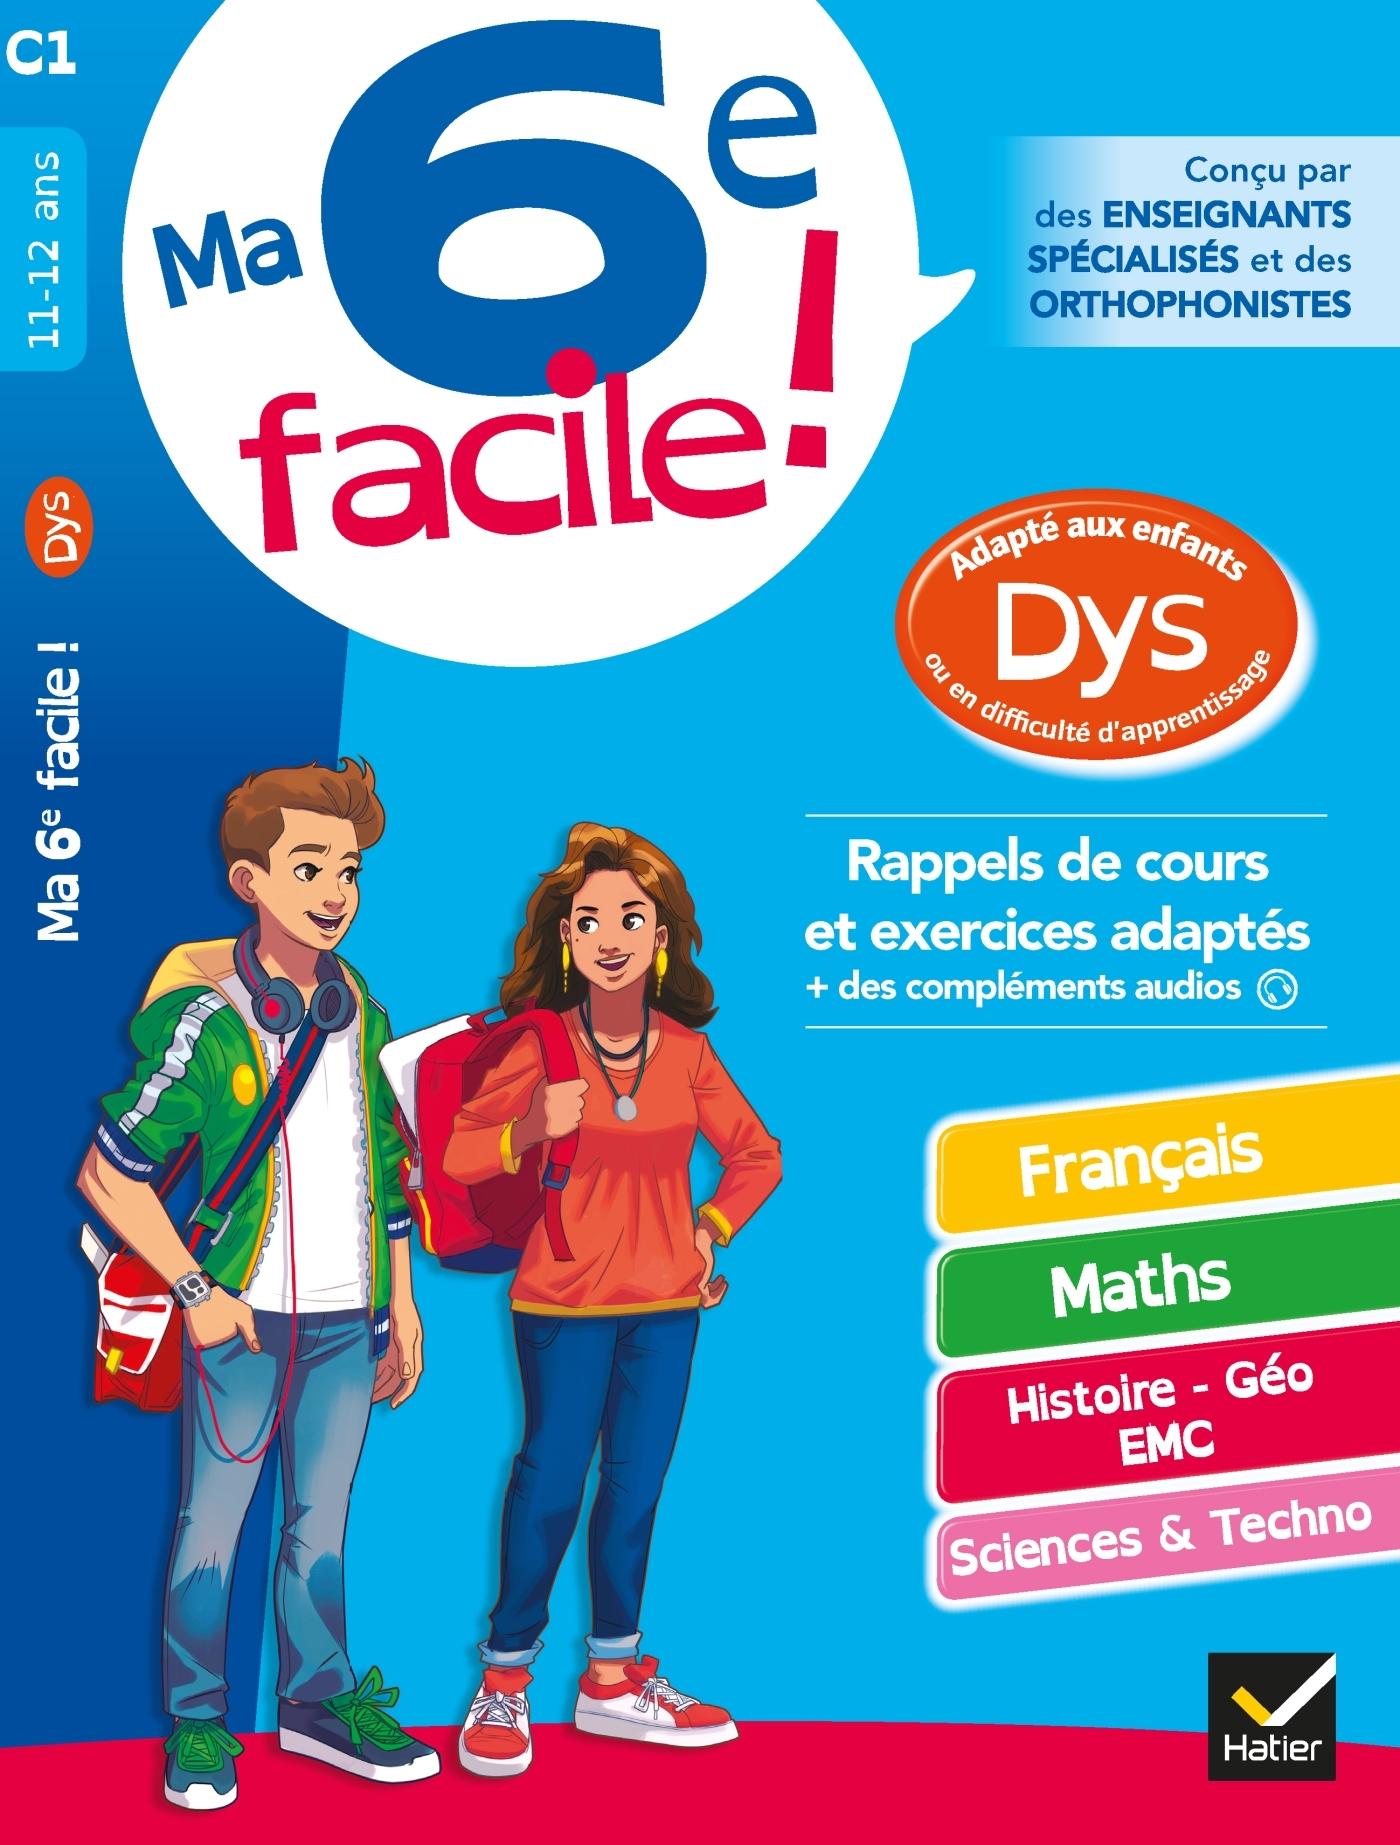 MA 6E FACILE ! ADAPTE AUX ENFANTS DYS OU EN DIFFICULTE D'APPRENTISSAGE